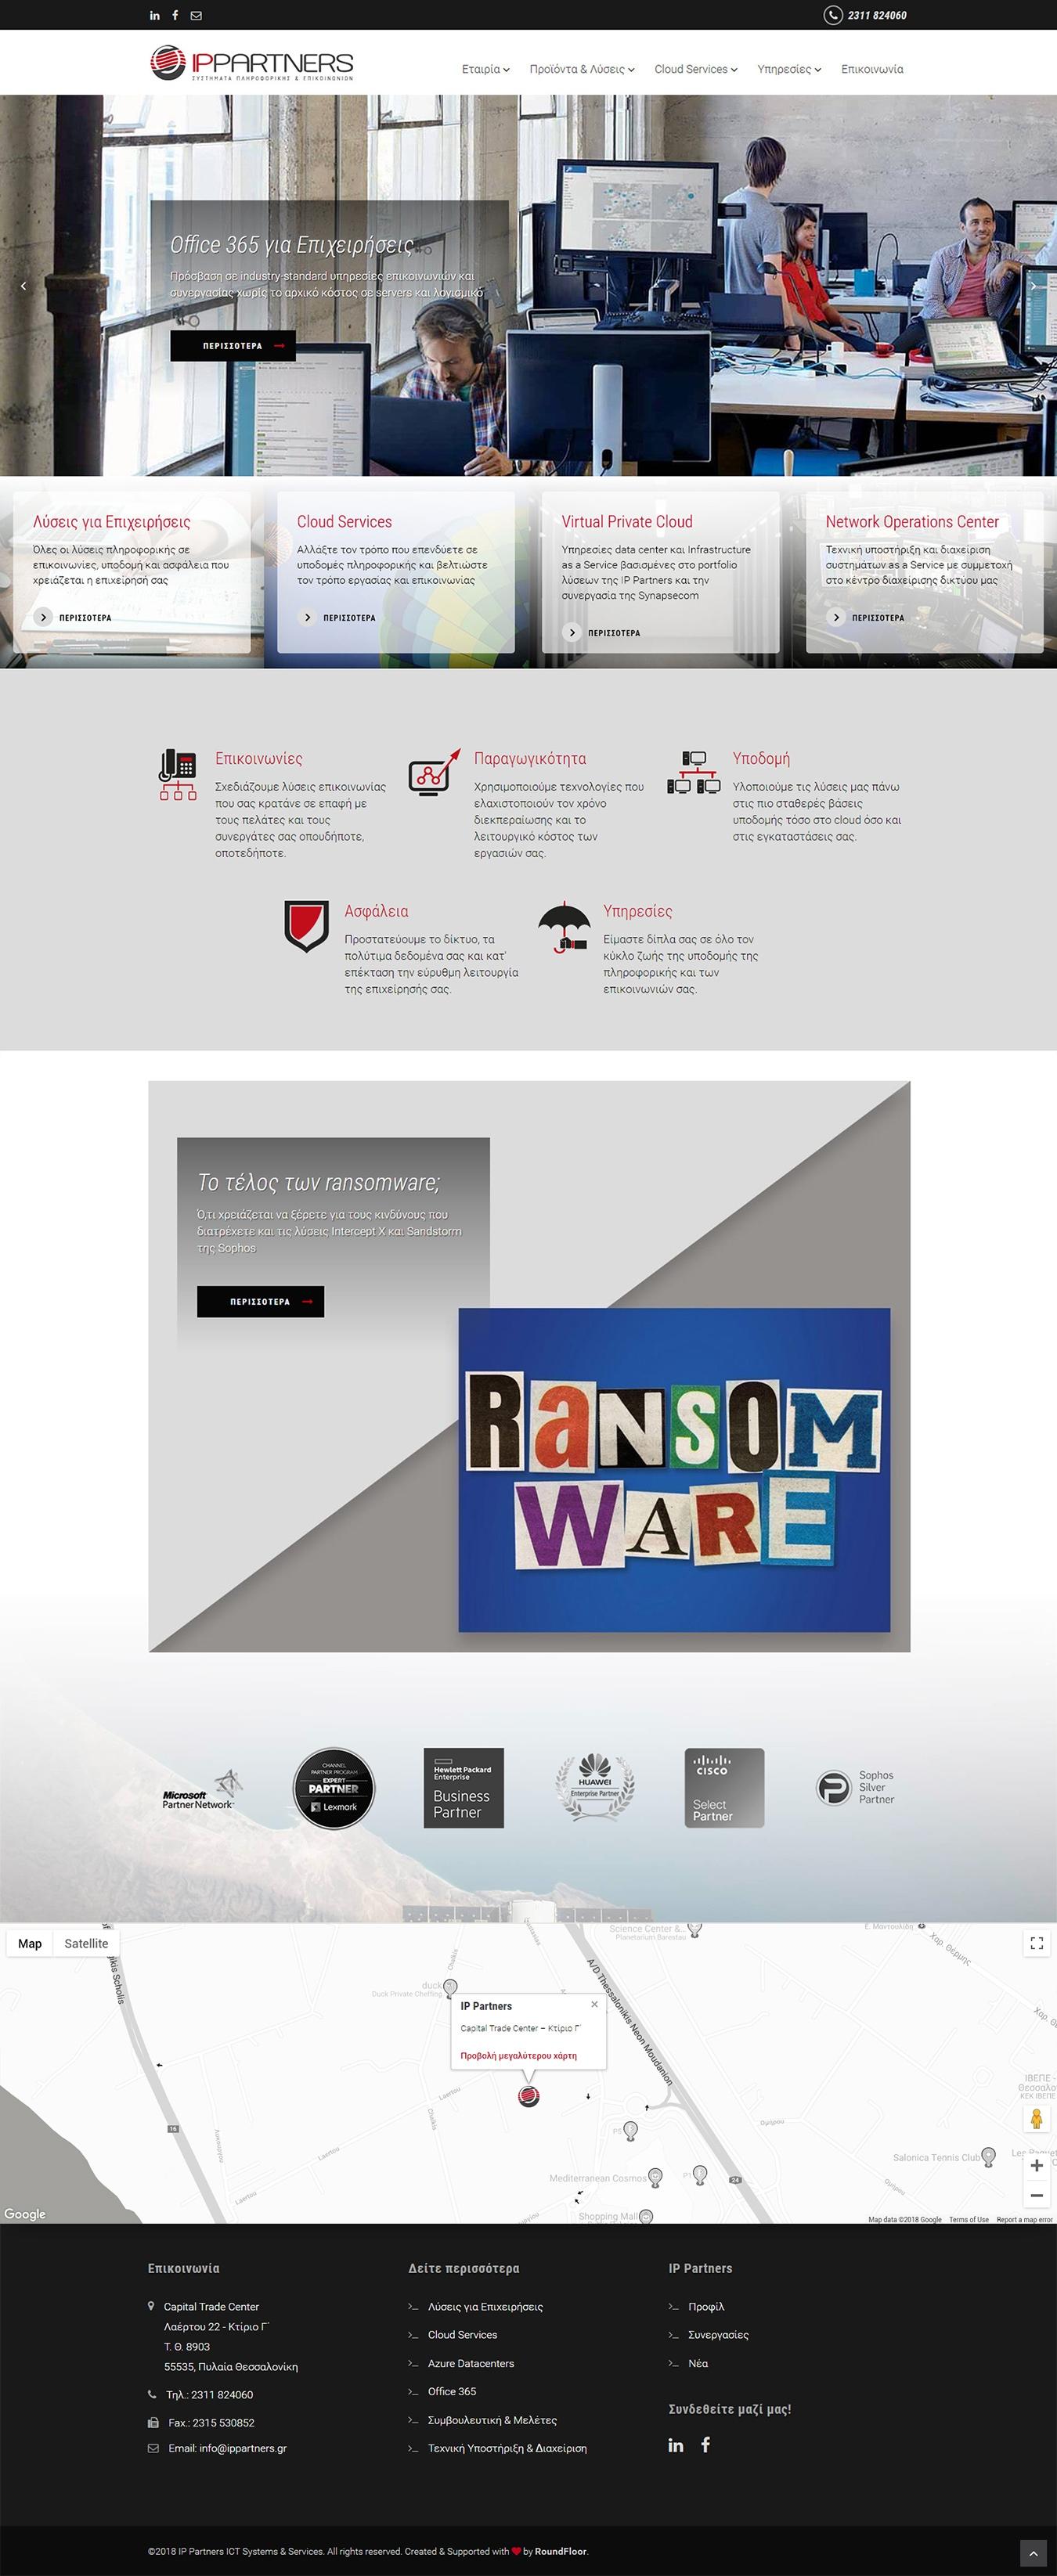 Κατασκευή ιστοσελίδας εταιρείας πληροφορικής & επικοινωνιών για την IP Partners